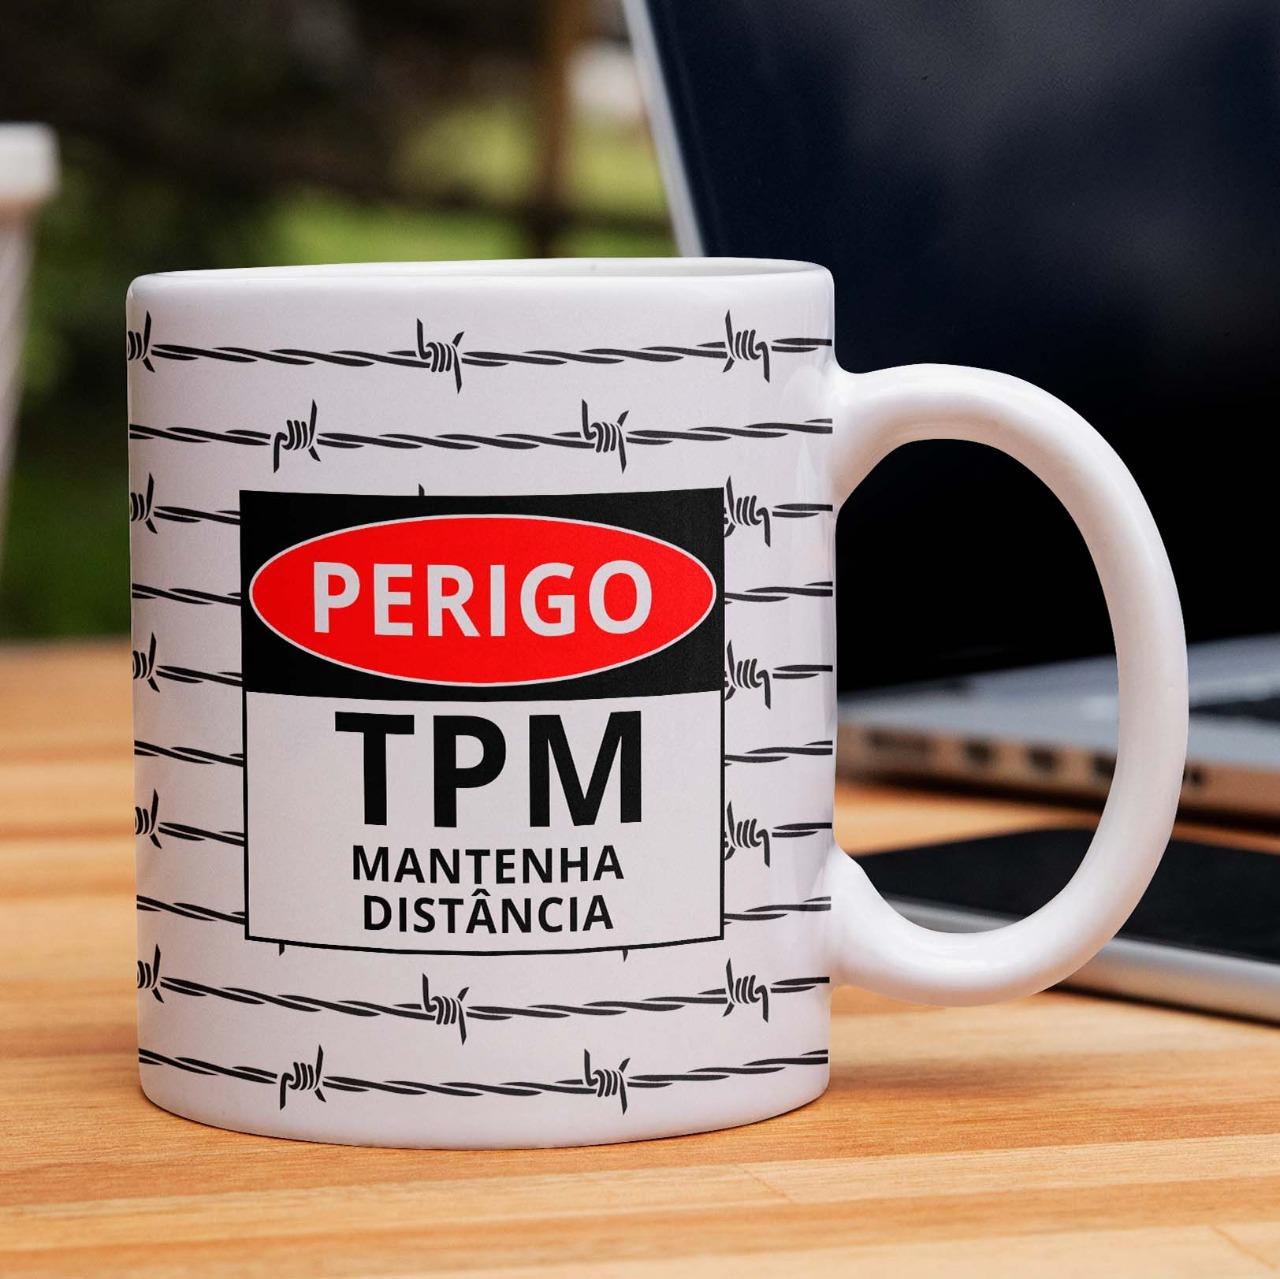 Caneca Perigo TPM Mantenha Distância - 300ml - EV